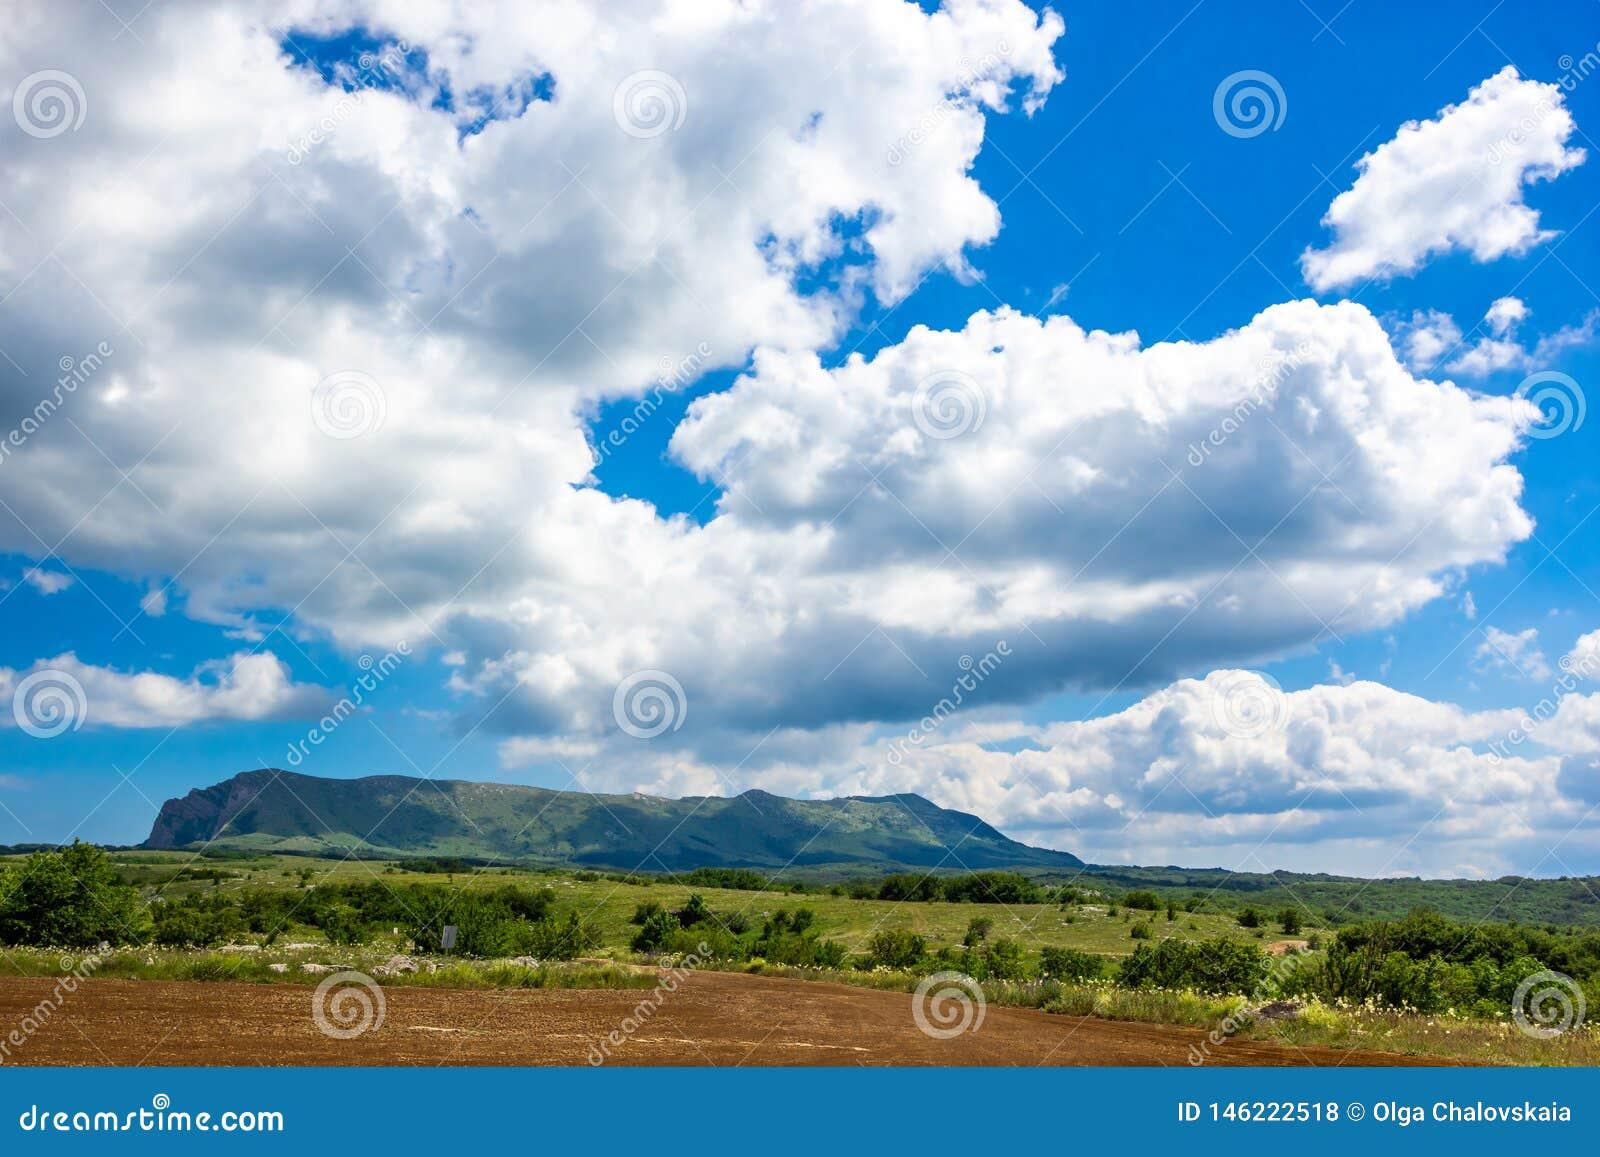 Paisaje colorido del verano en las monta?as, debajo de un cielo azul con las nubes blancas